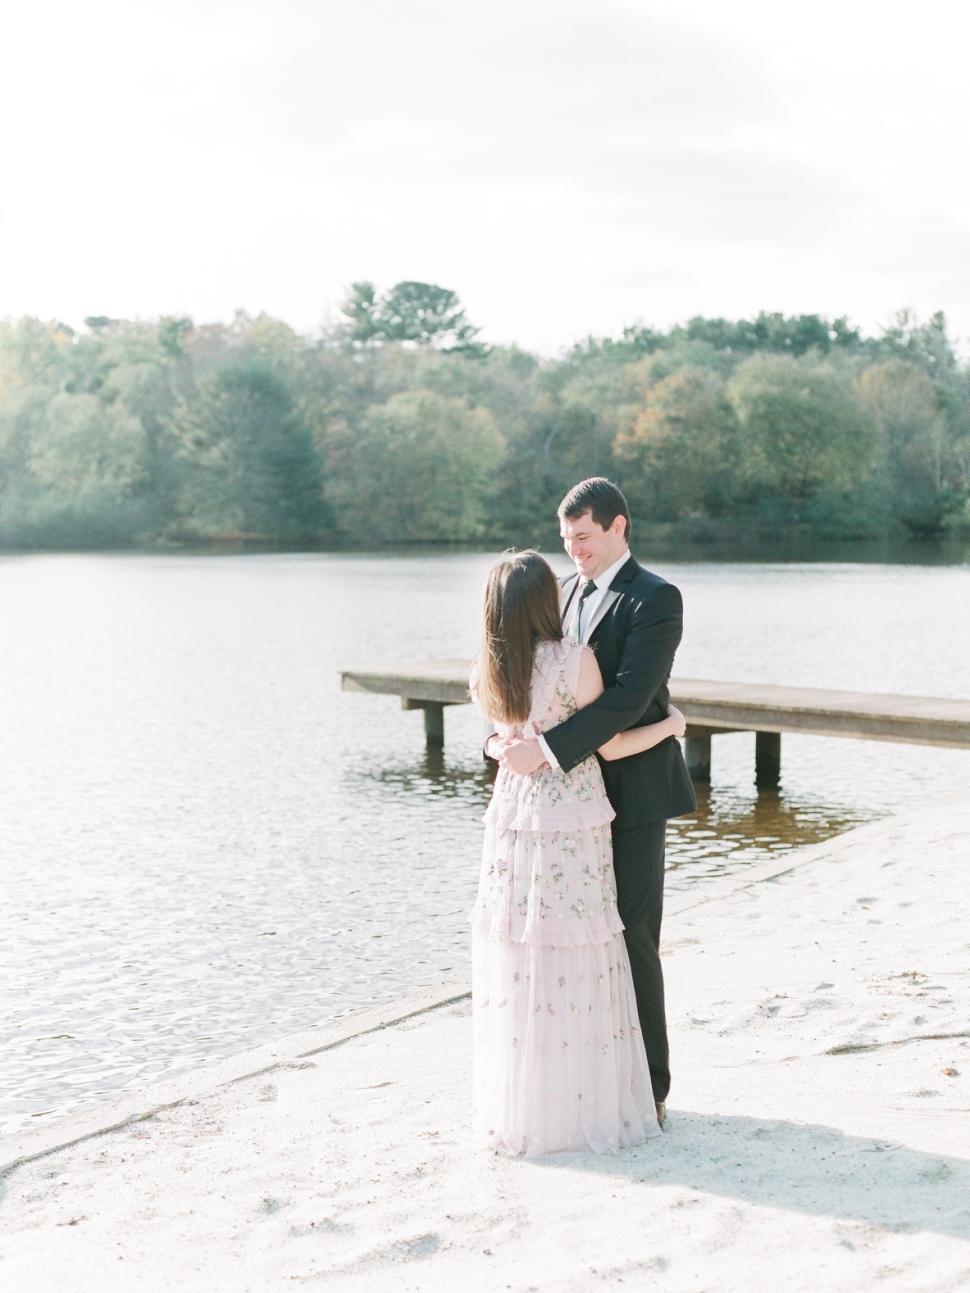 Poconos-Wedding-Photographer-Cassi-Claire-Poconos-Engagement-Photos_08.jpg